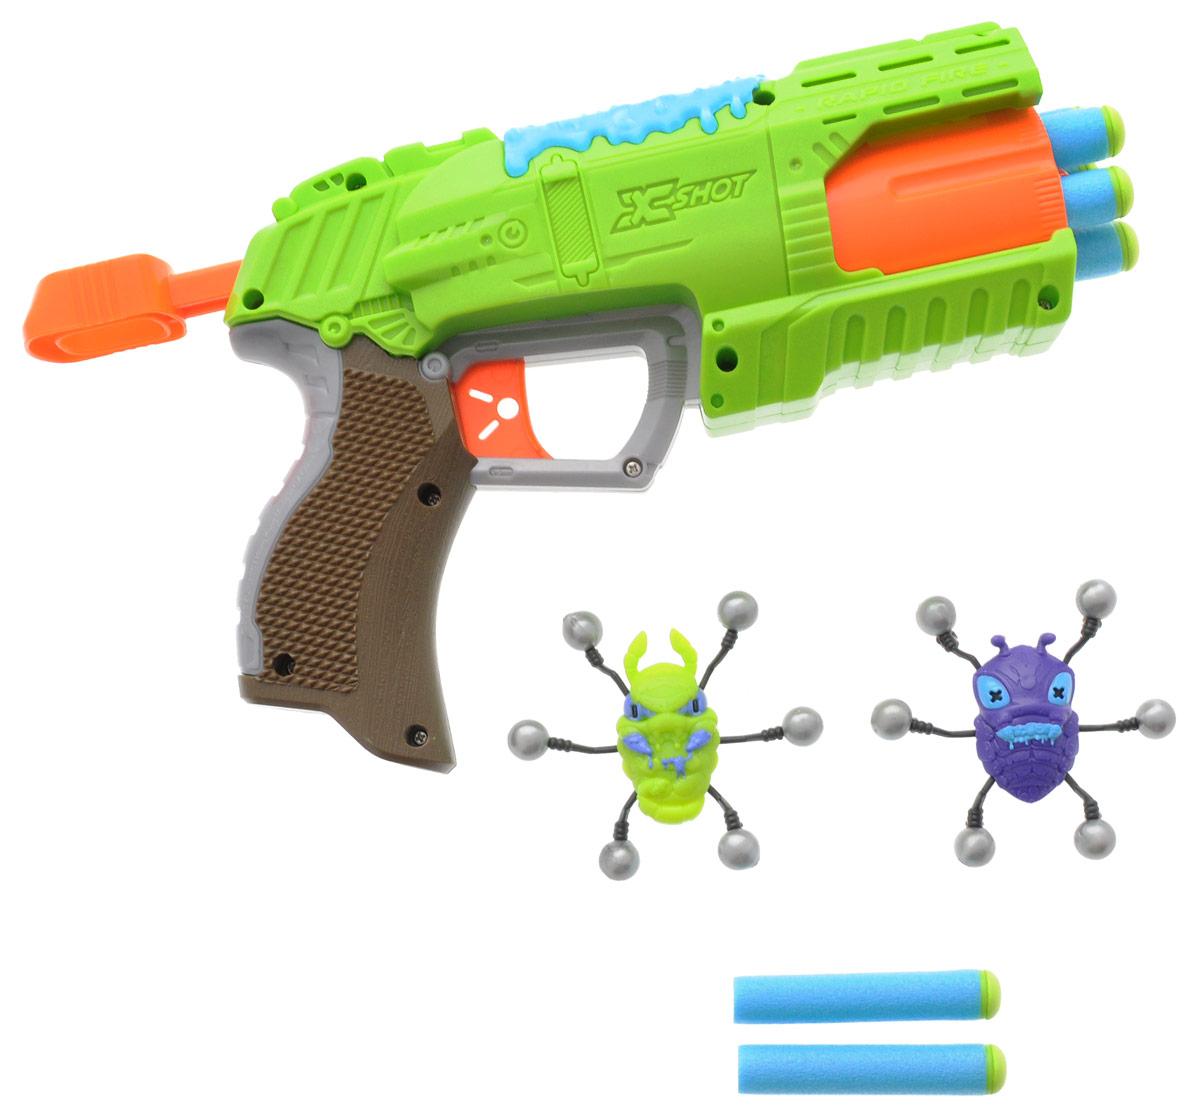 XSHOT Бластер Атака пауков игрушечное оружие zuru x shot ружье с мишенями атака пауков